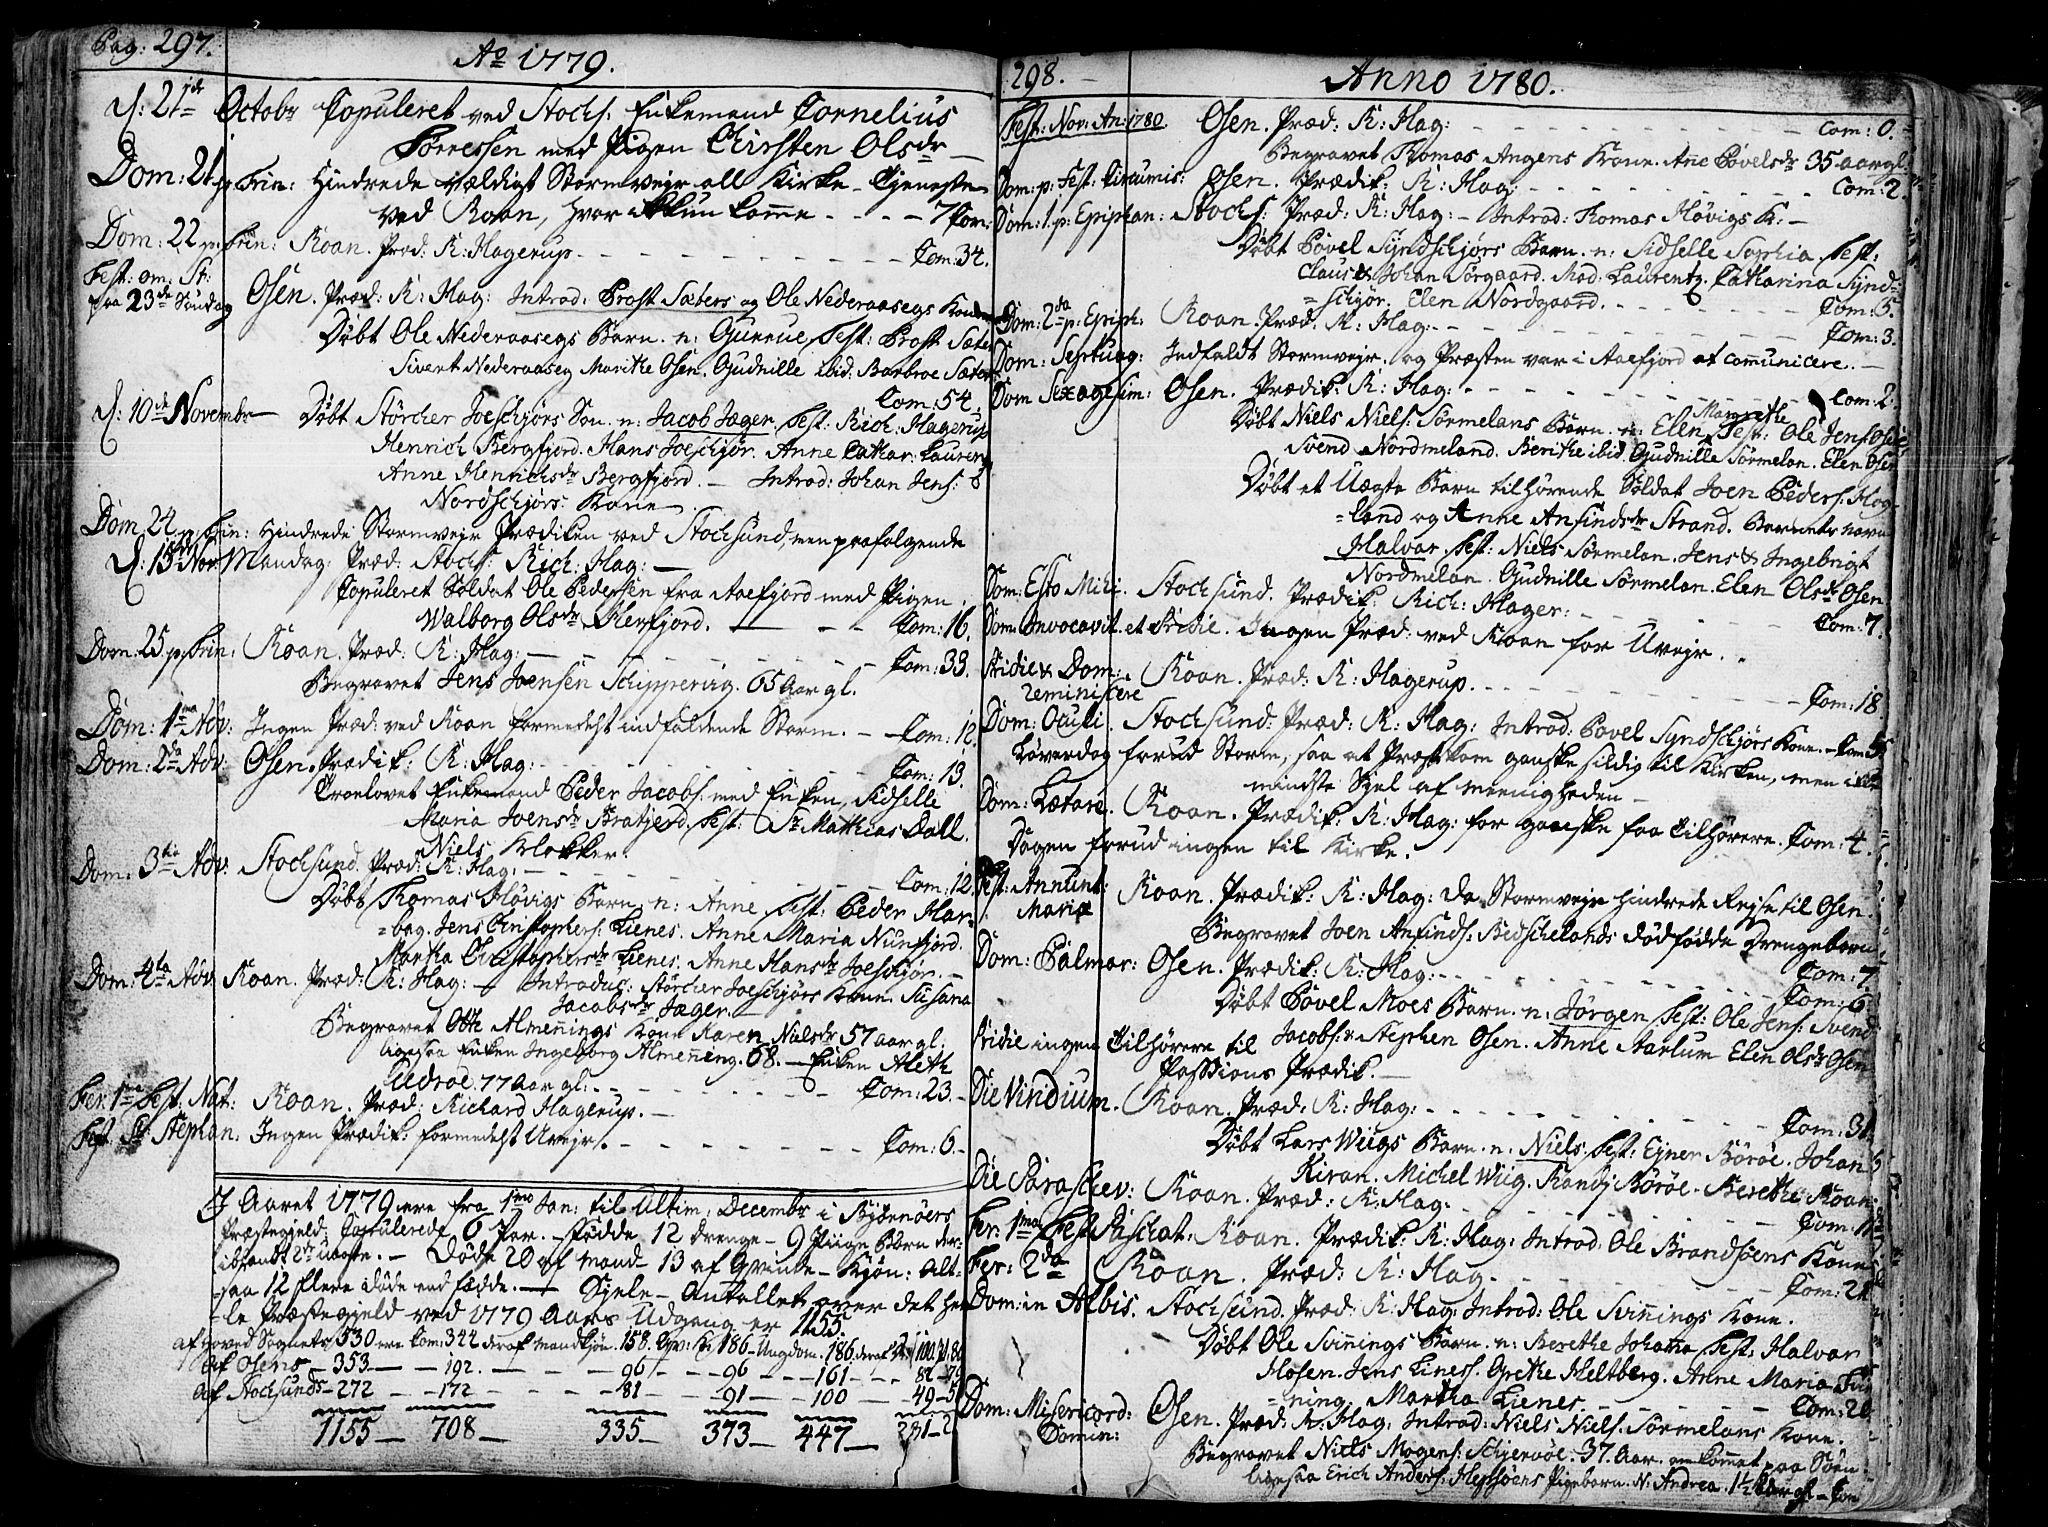 SAT, Ministerialprotokoller, klokkerbøker og fødselsregistre - Sør-Trøndelag, 657/L0700: Ministerialbok nr. 657A01, 1732-1801, s. 297-298